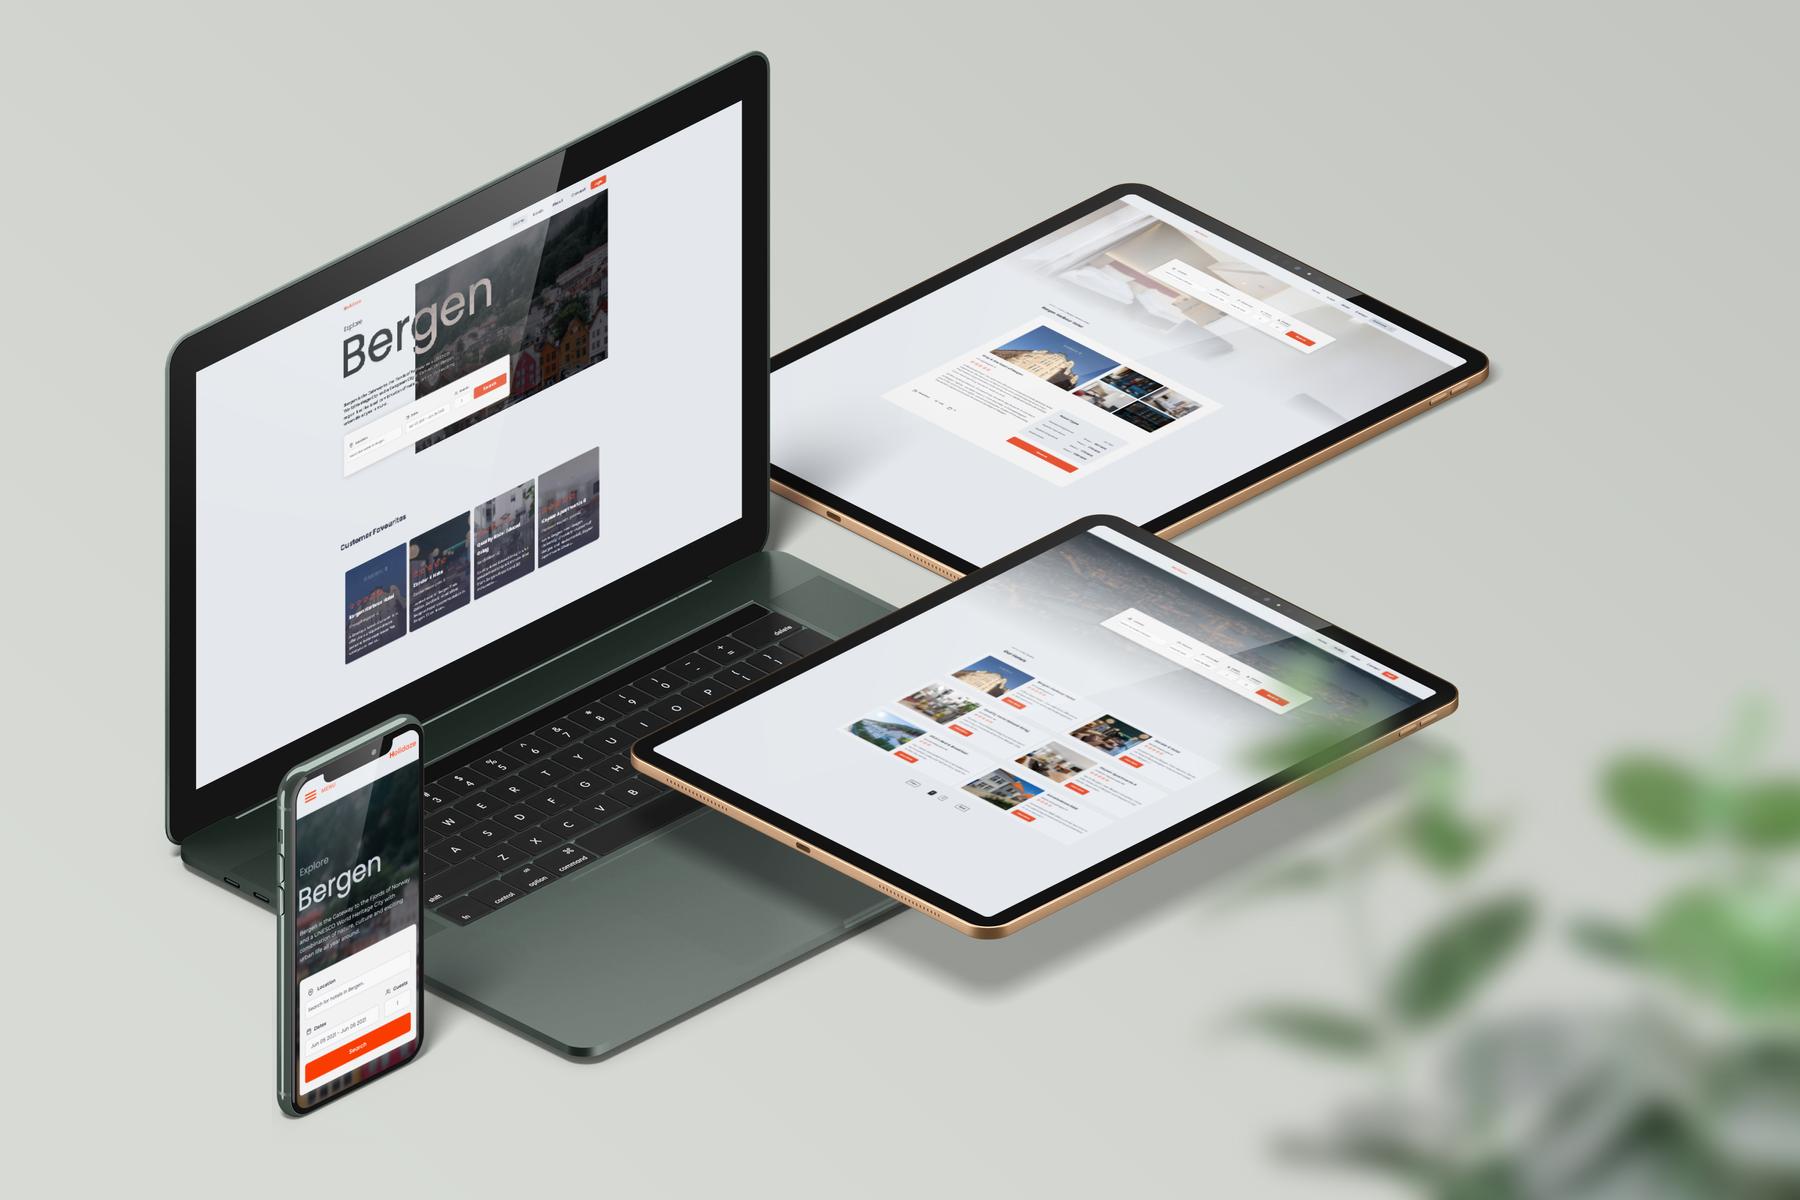 Mockup image of Holidaze website